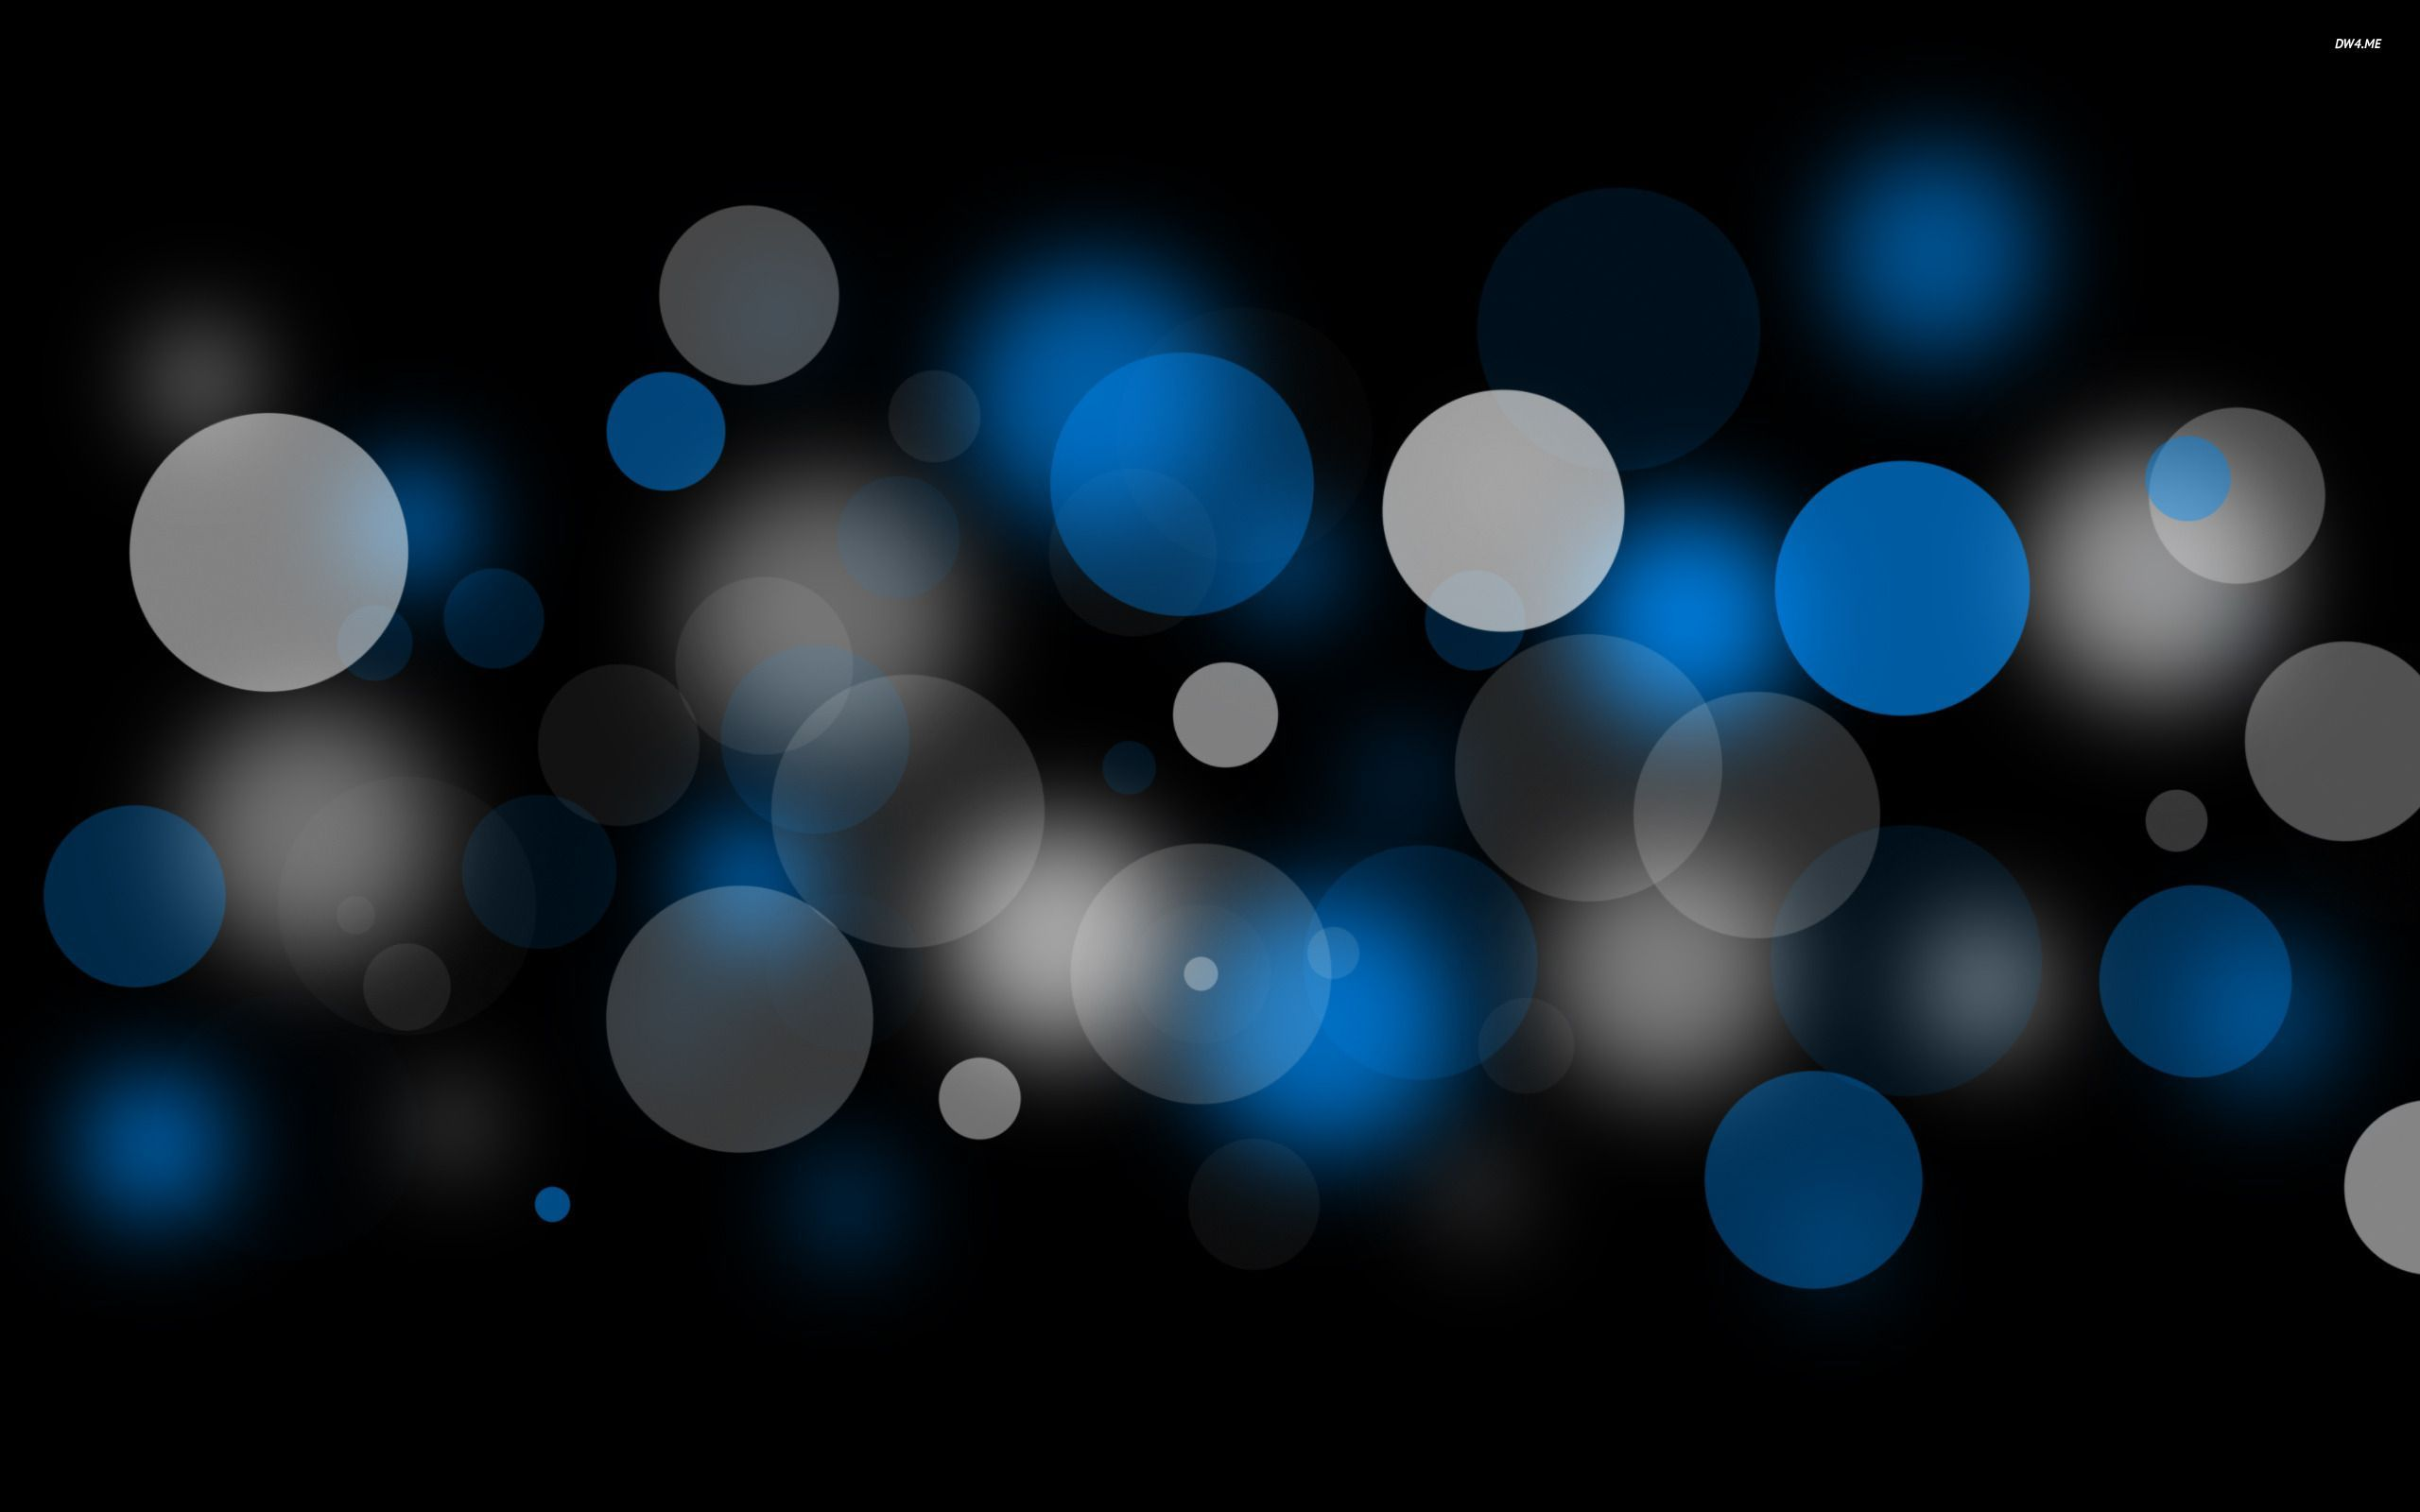 HD Bubble Wallpapers HD Wallpapers Pinterest Wallpaper Hd